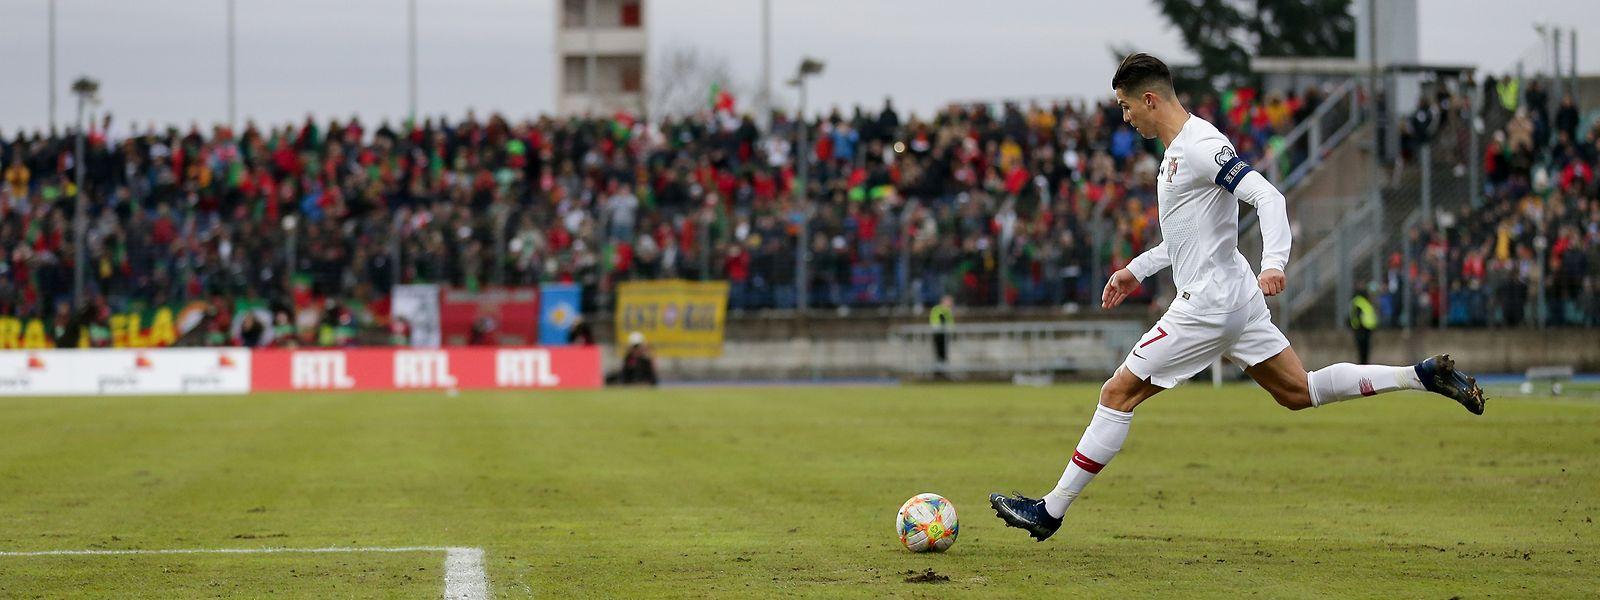 Cristiano Ronaldo lief zuletzt im November 2019 im Stade Josy Barthel auf. Damals traf er zum 2:0-Endstand in der EM-Qualifikation.